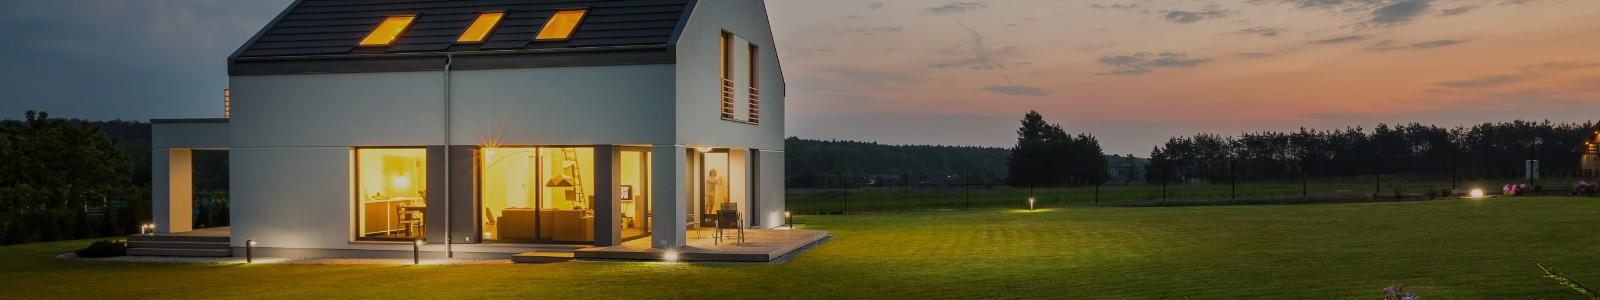 Projekty Domów Ze Spiżarnią | Funkcjonalność i Styl